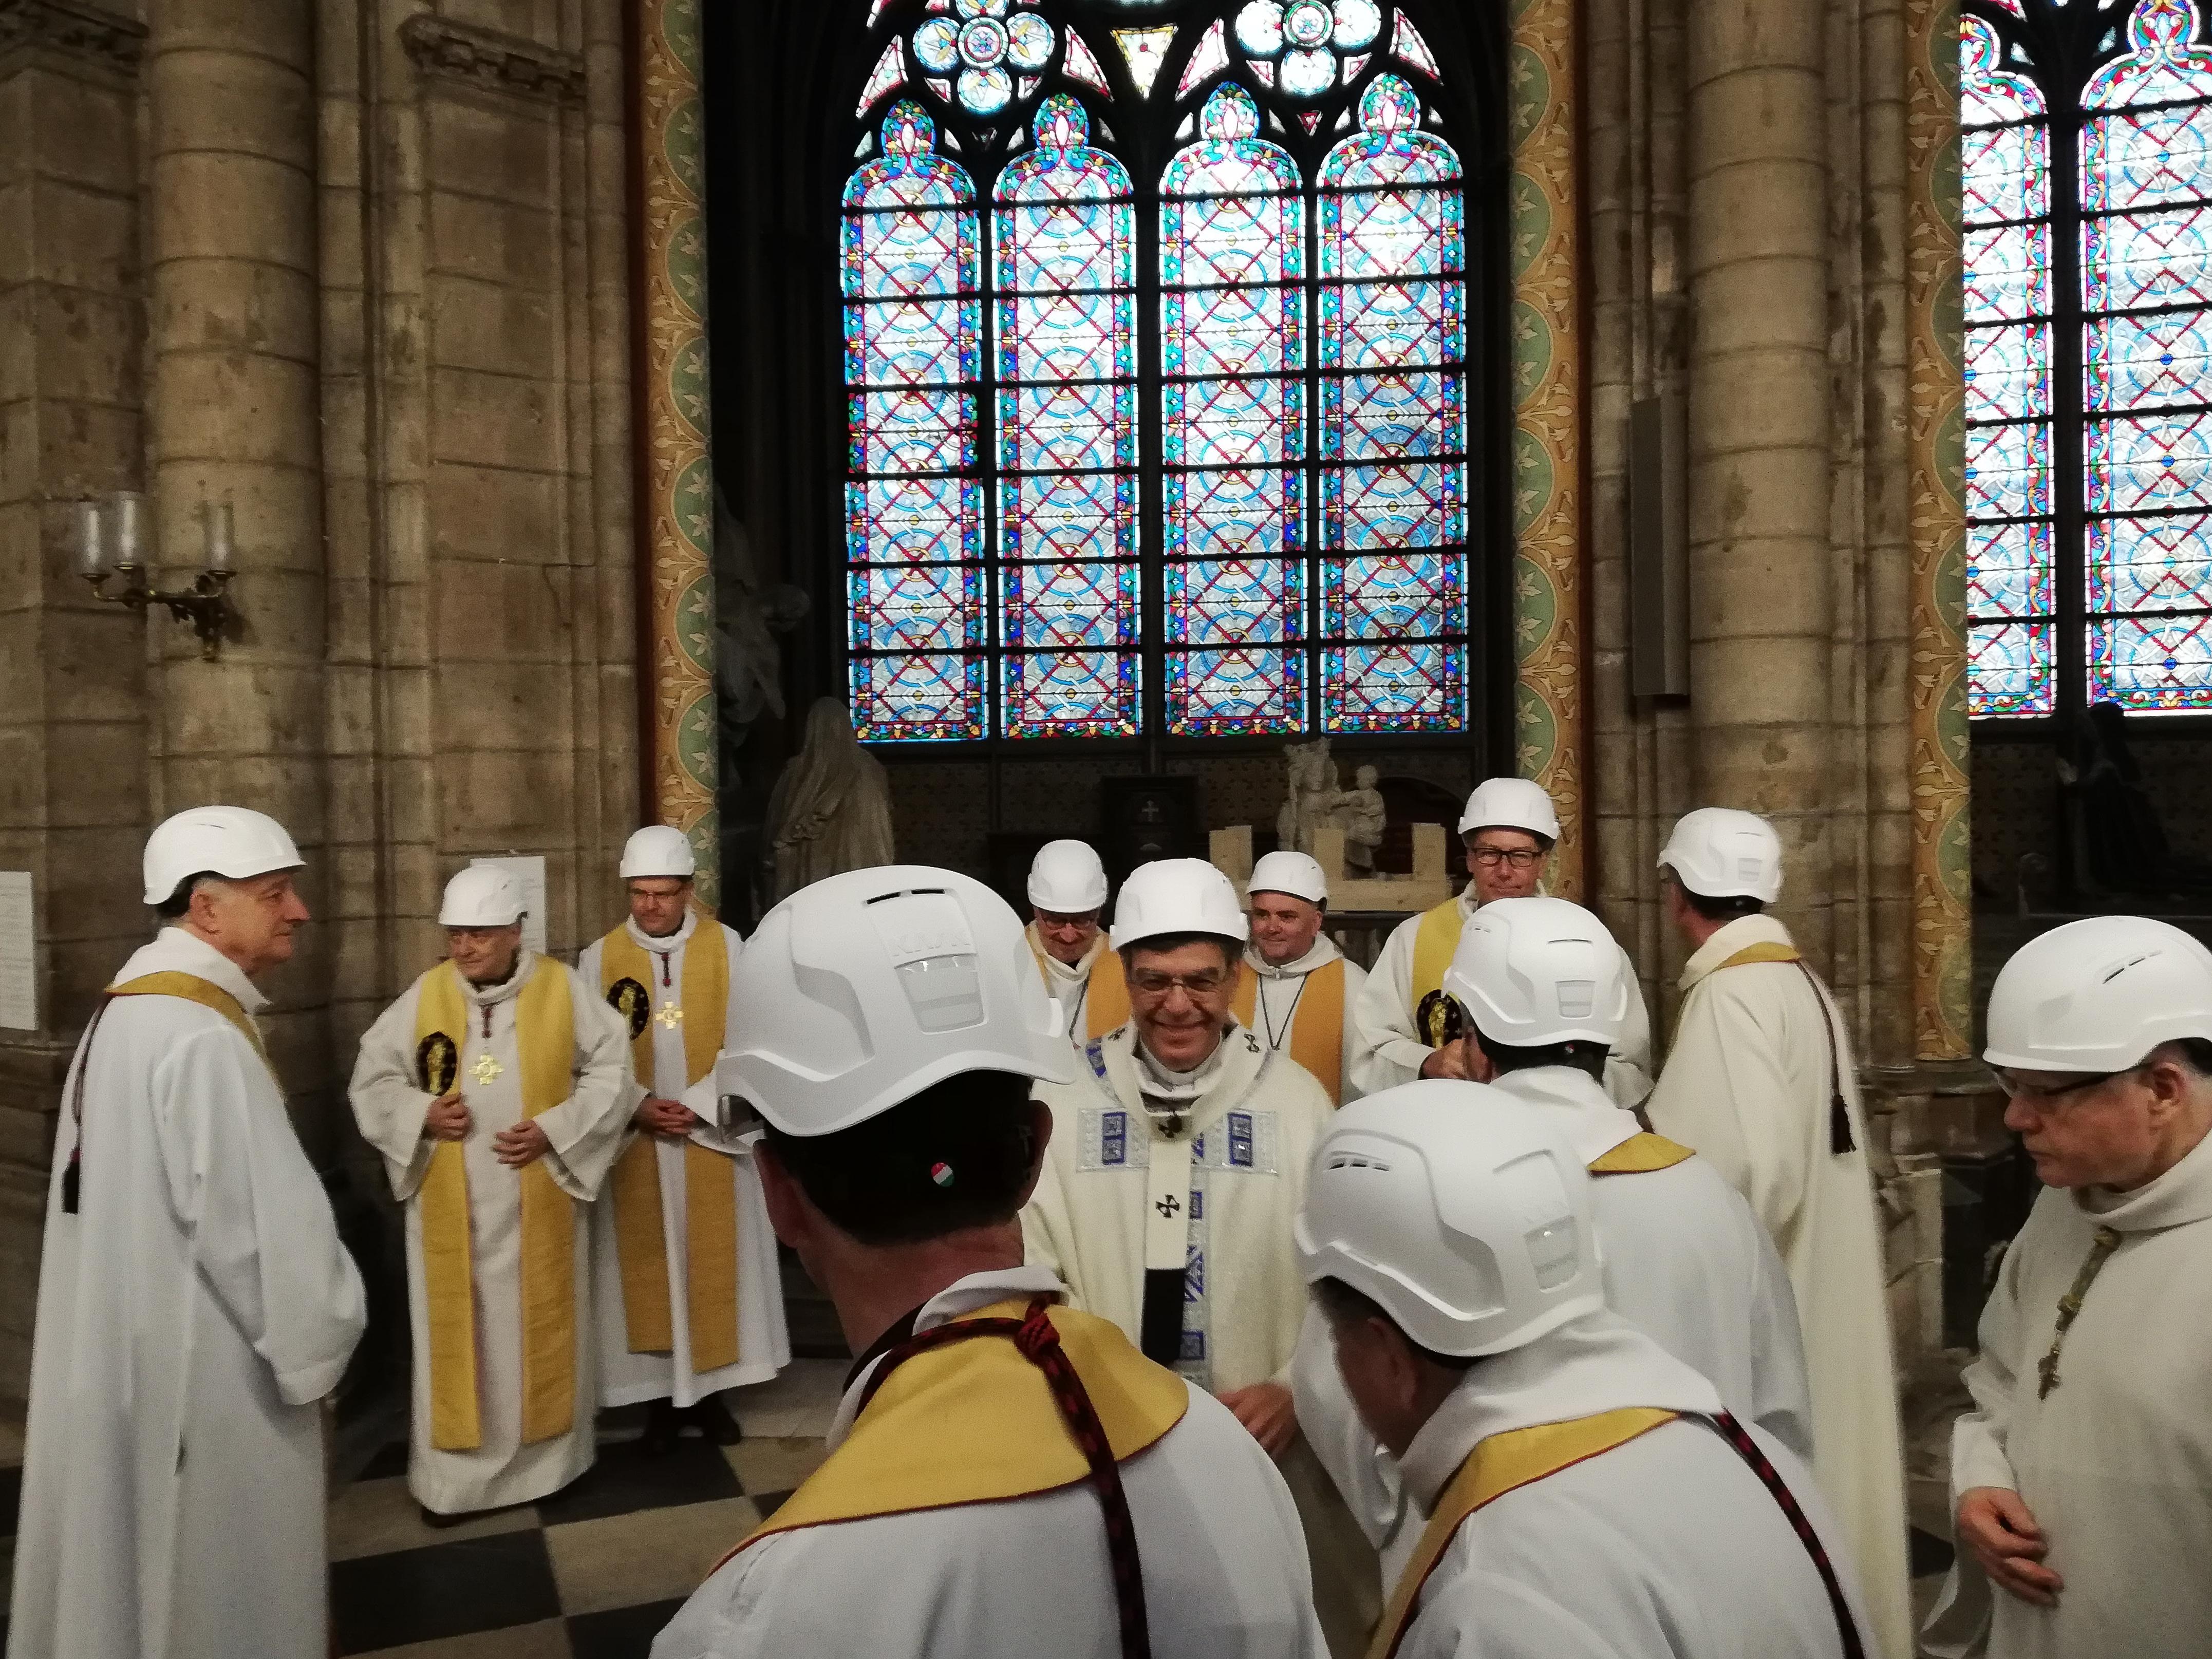 Munkavédelmi sisakban tartották meg az első misét a Notre Dame-ban